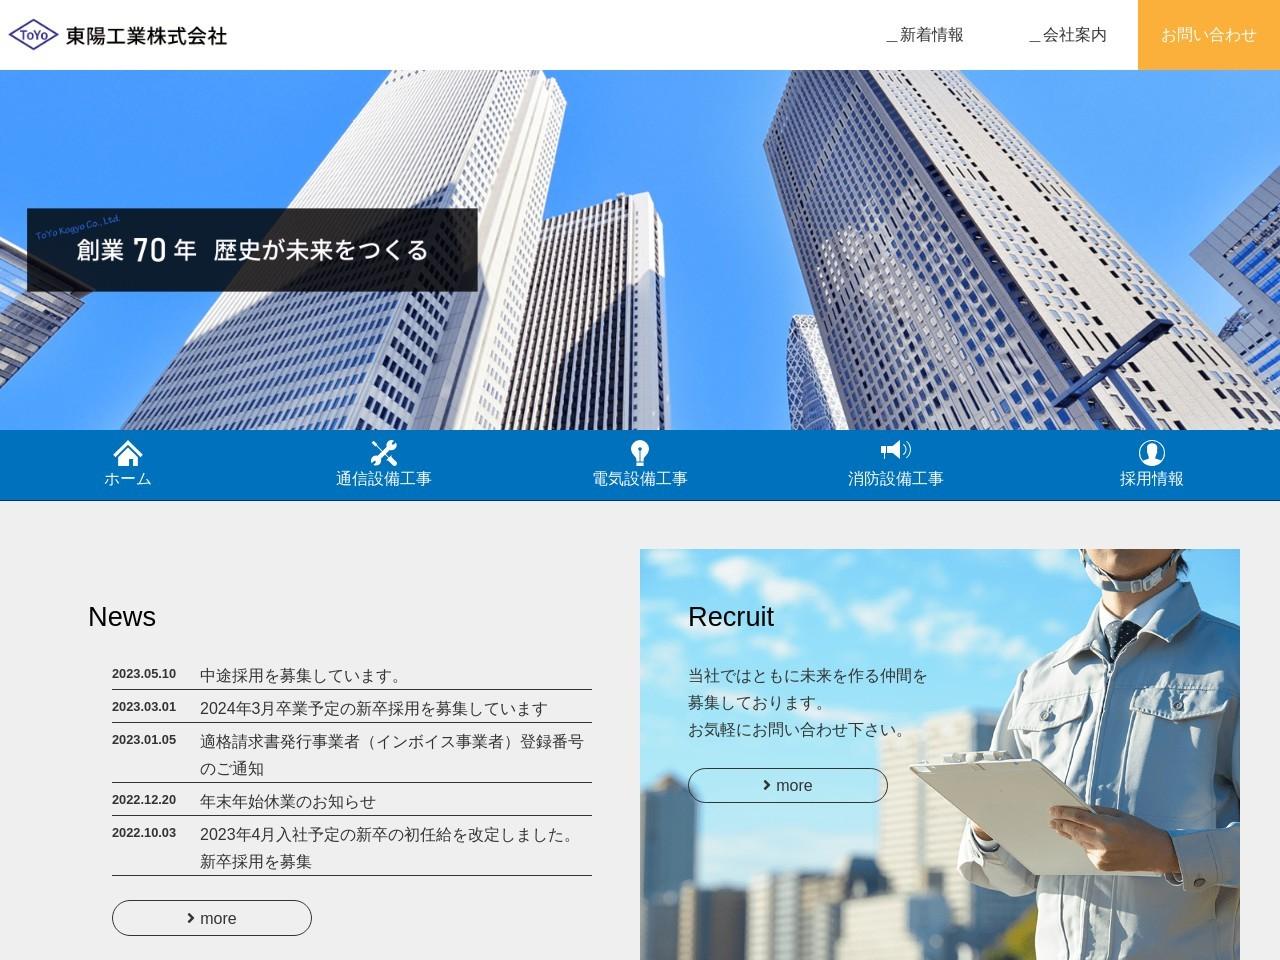 東陽工業株式会社北関東支店